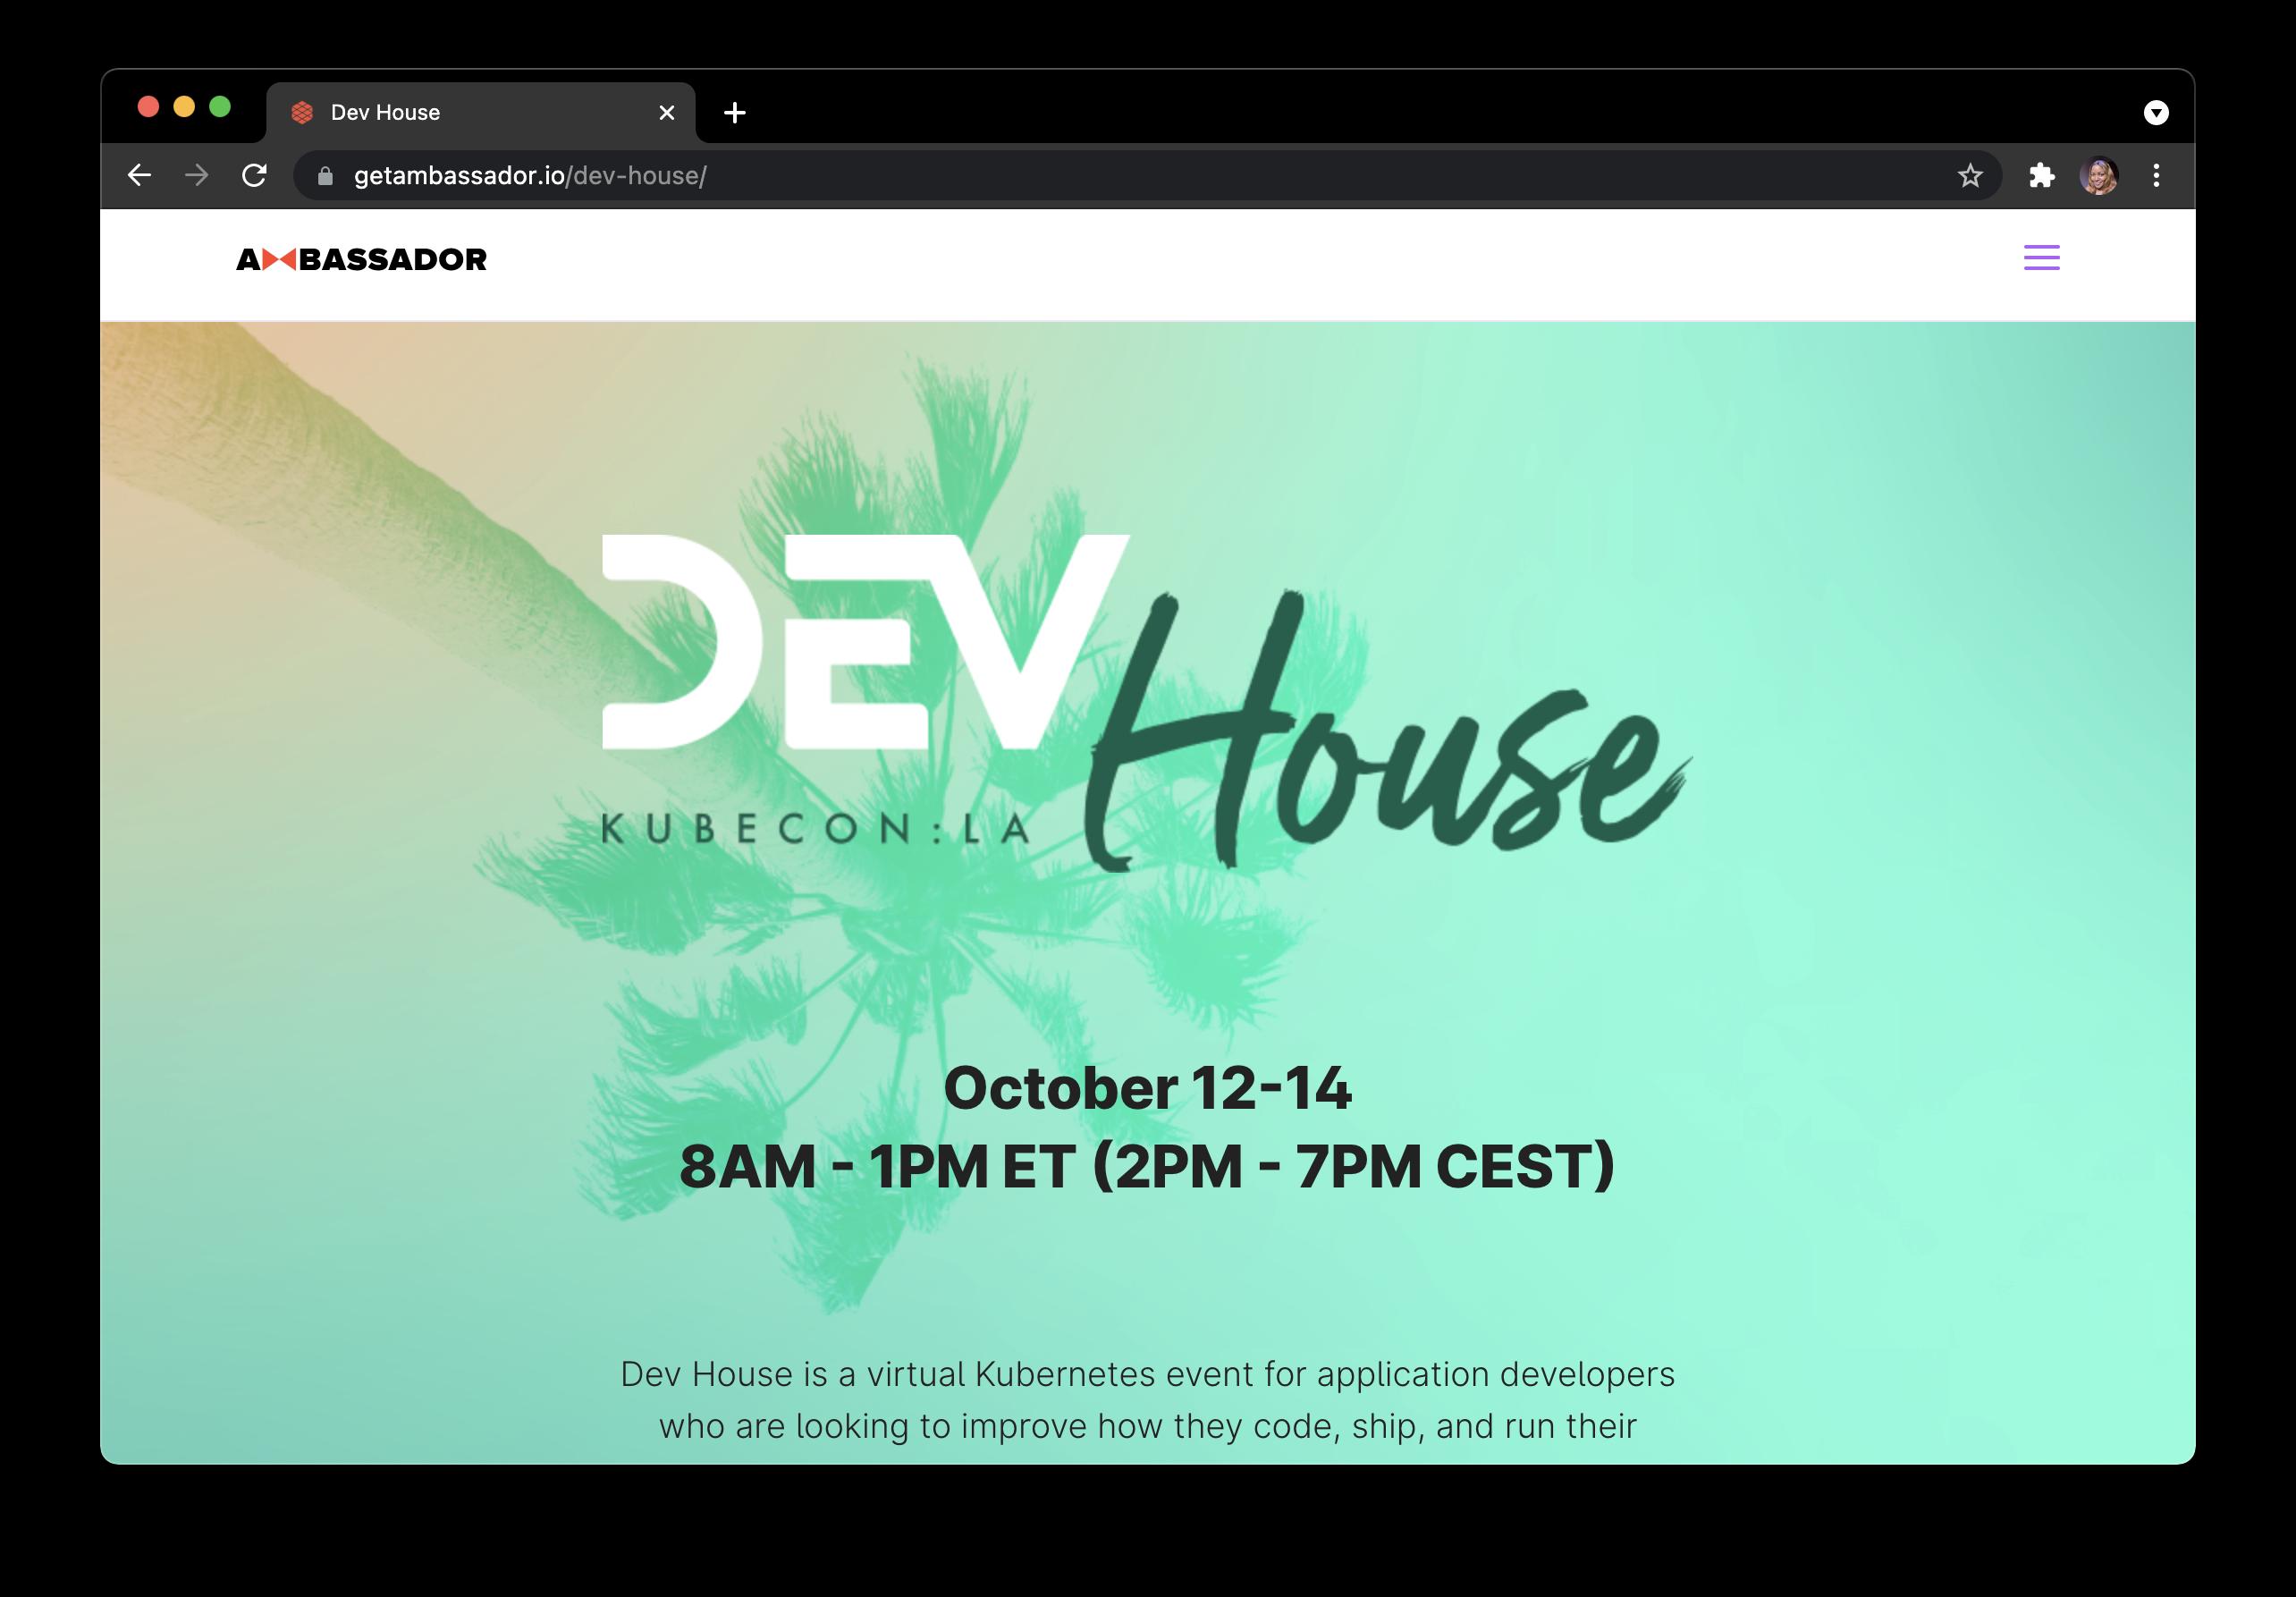 Dev House